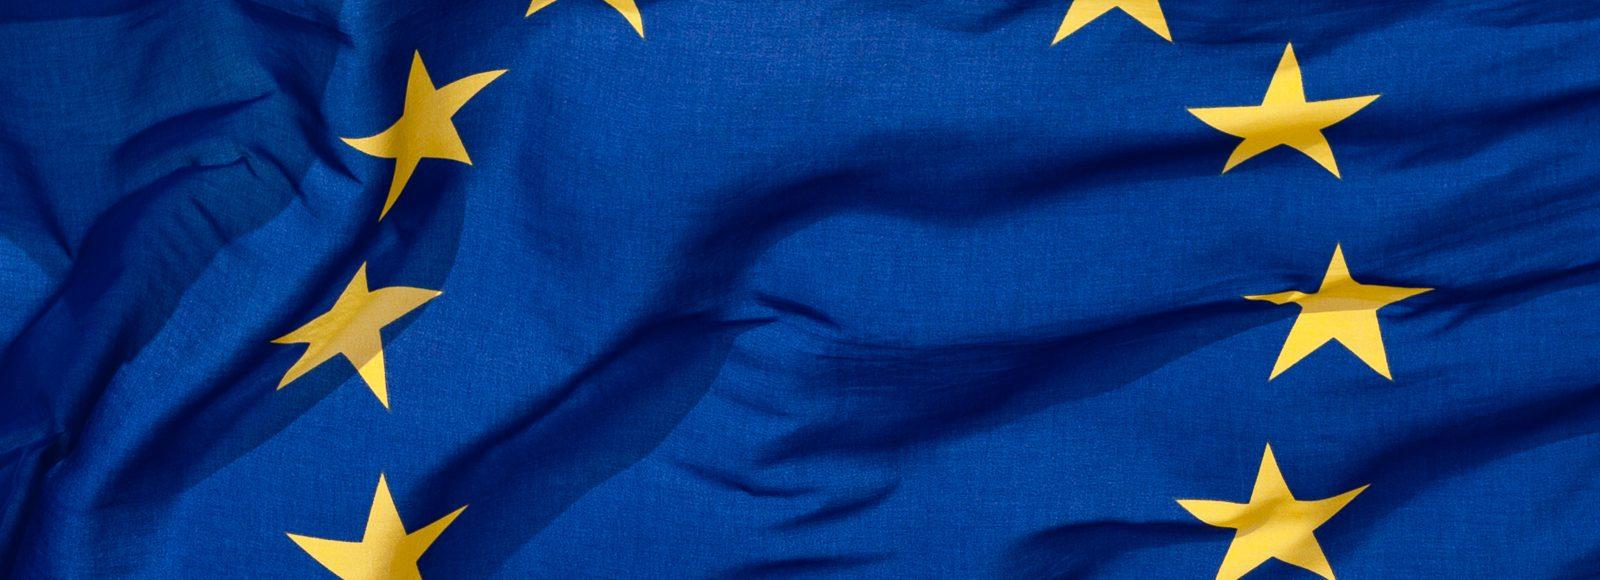 Европроекти европа